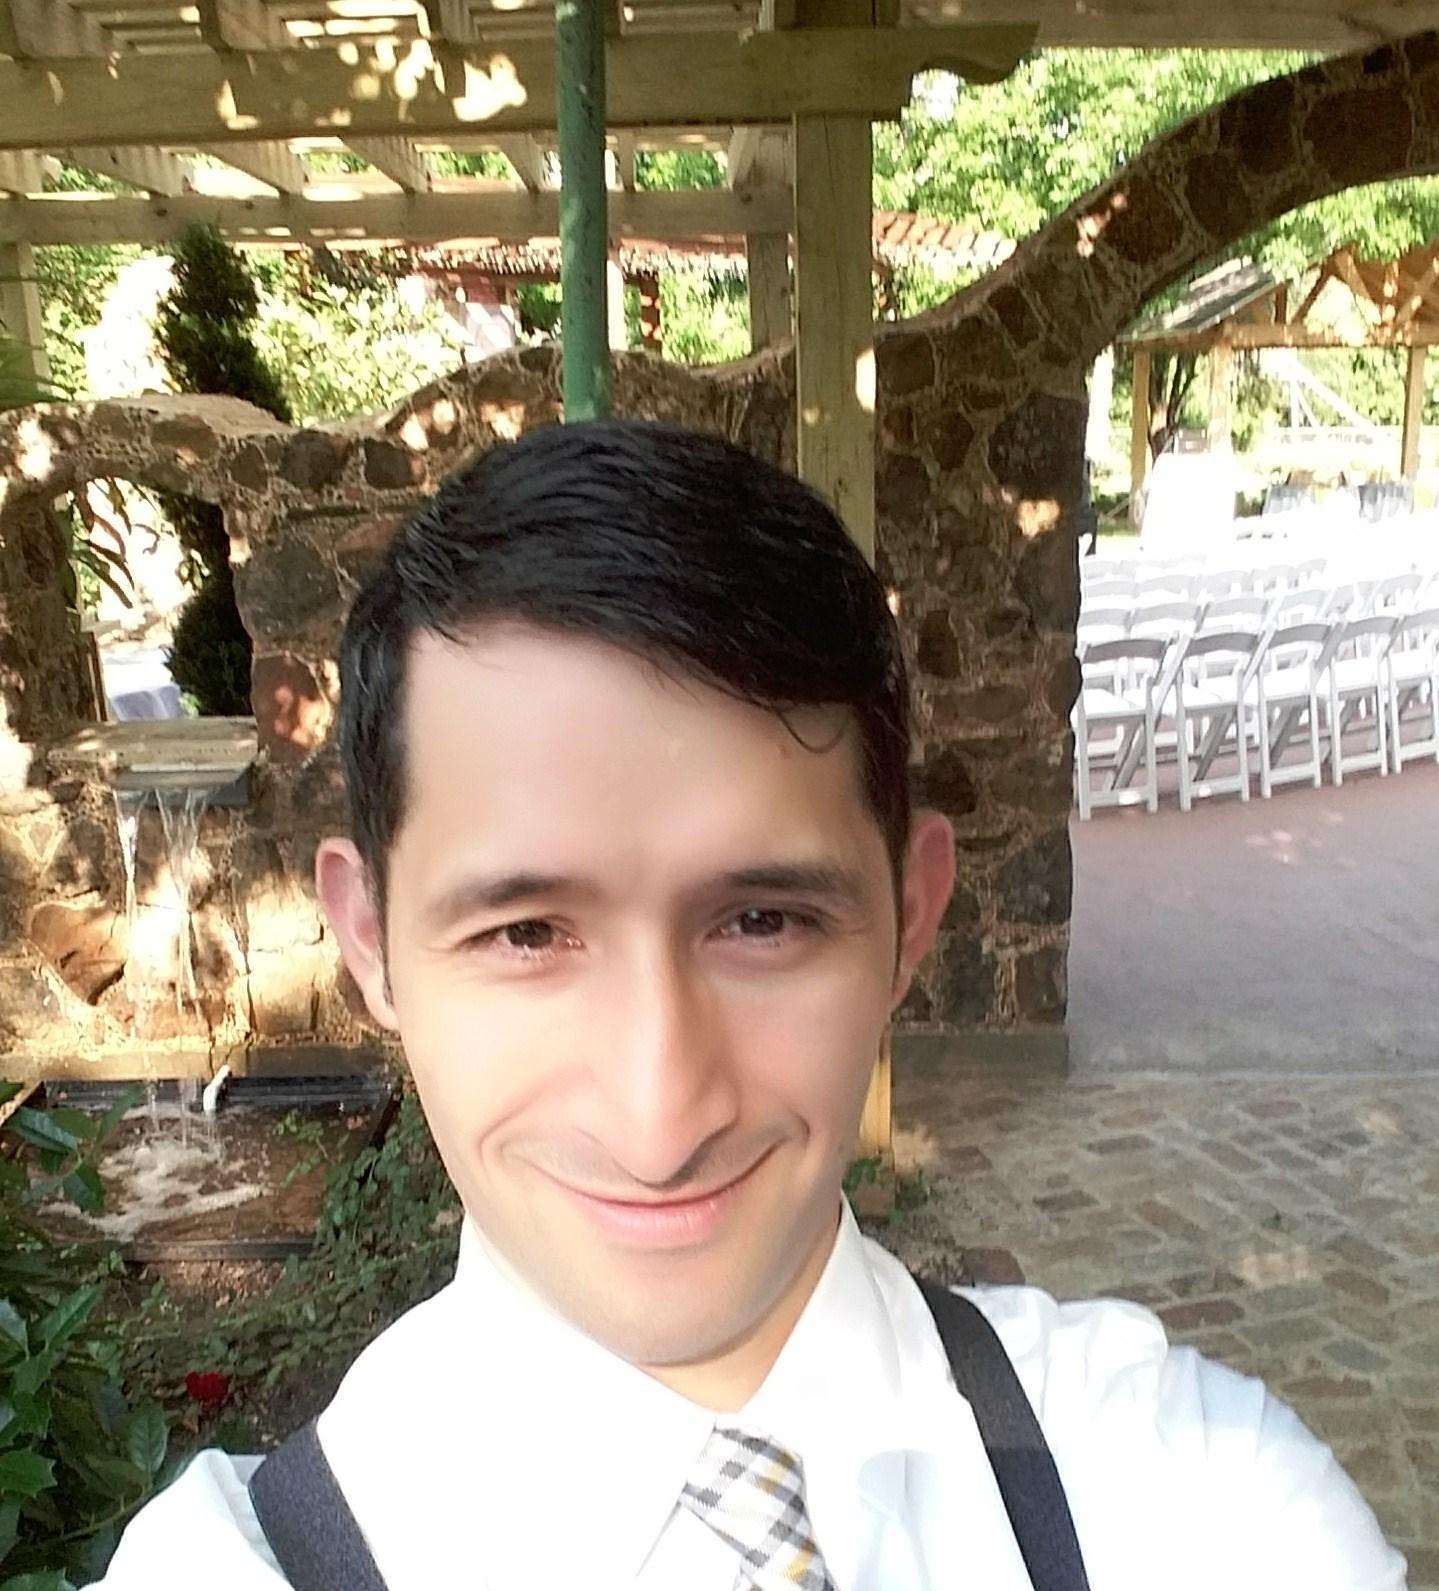 Mr. De La Cruz